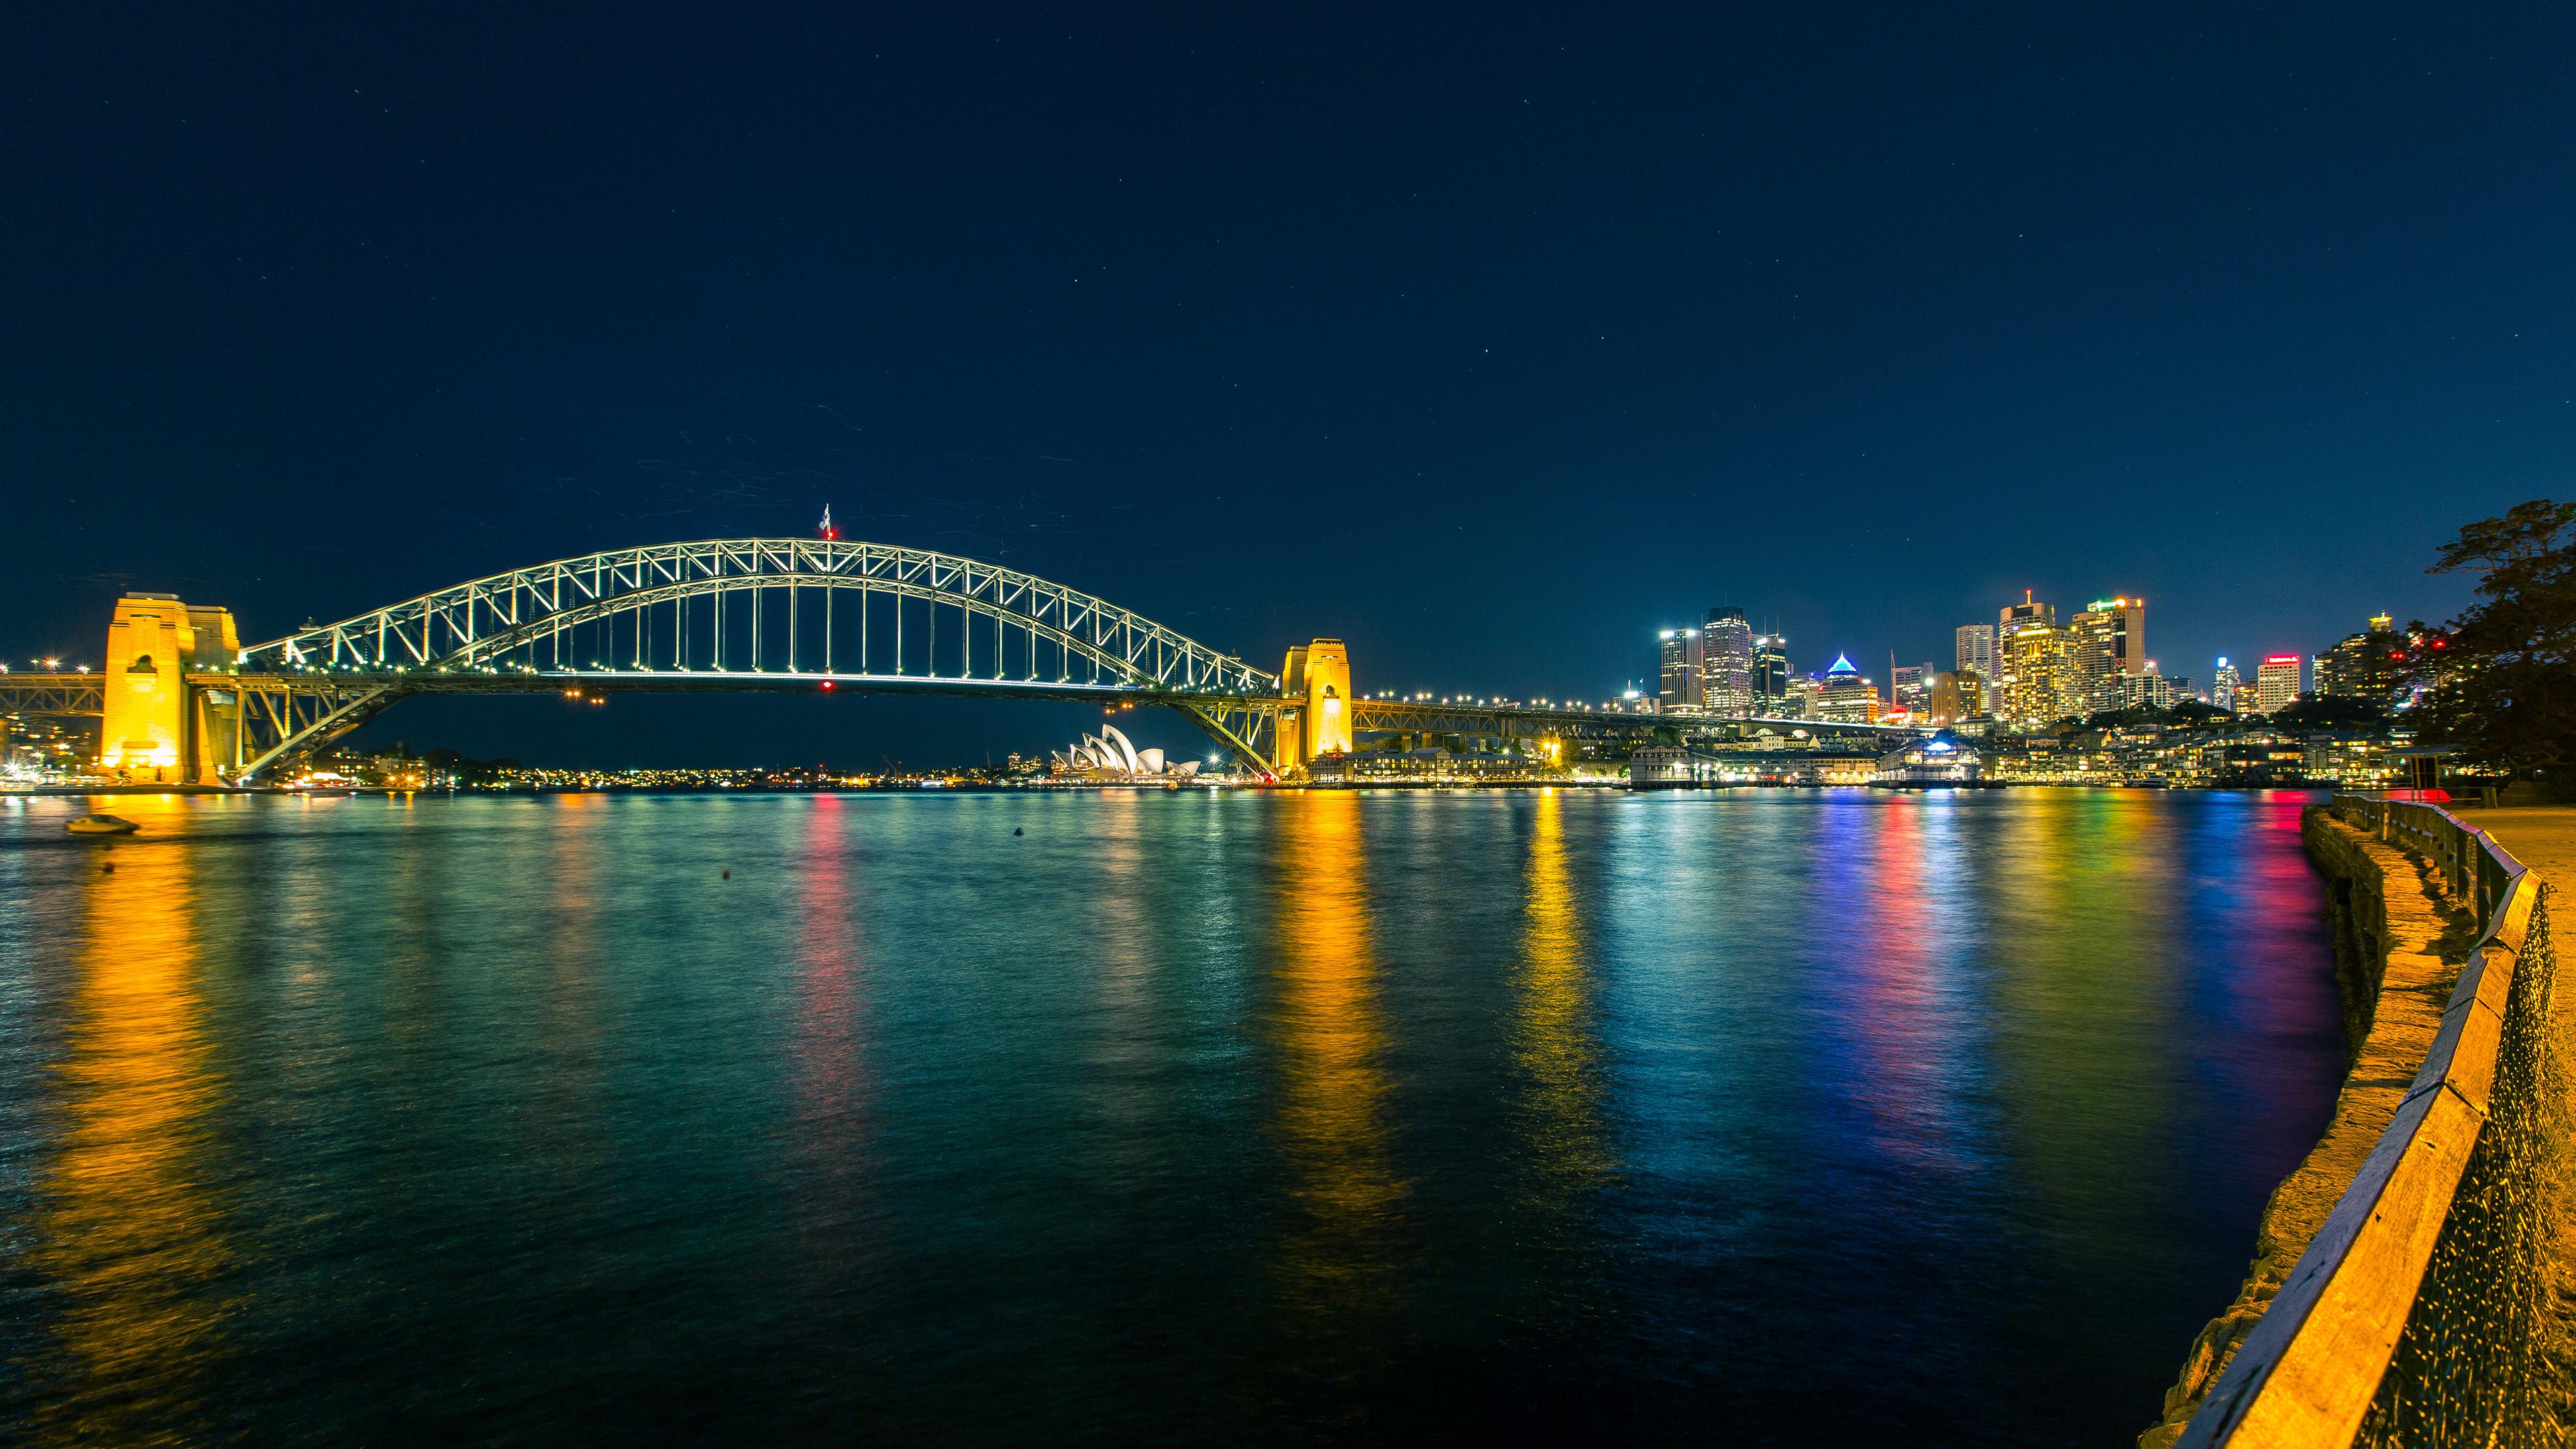 sydney escenario hd wallpapers - photo #45